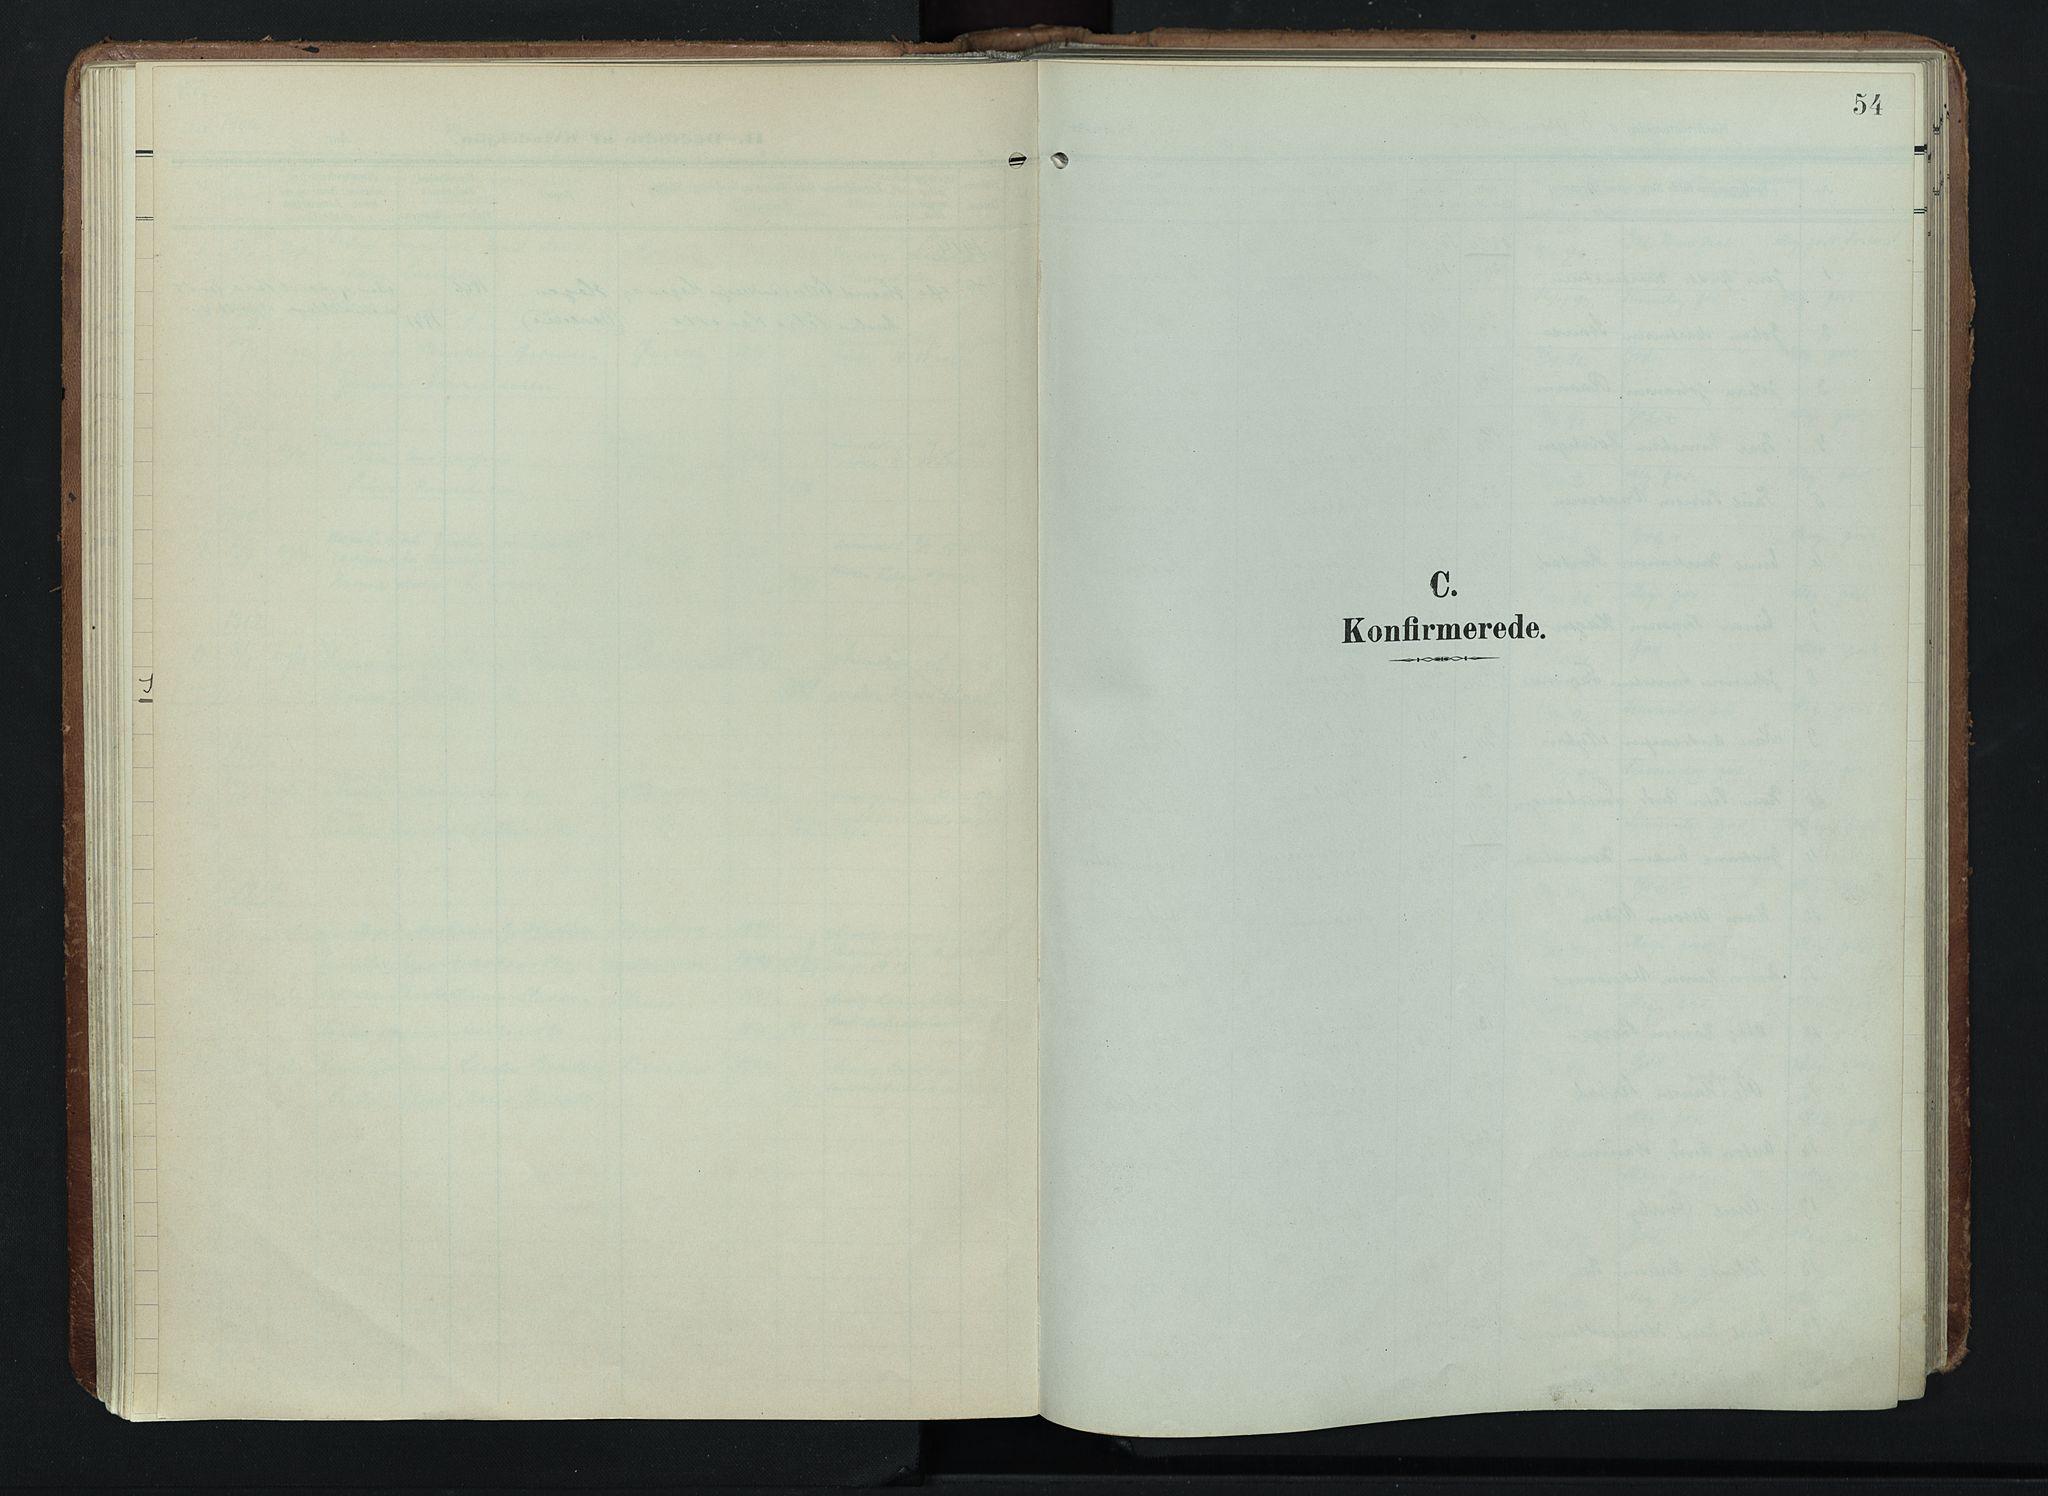 SAH, Søndre Land prestekontor, K/L0005: Ministerialbok nr. 5, 1905-1914, s. 54